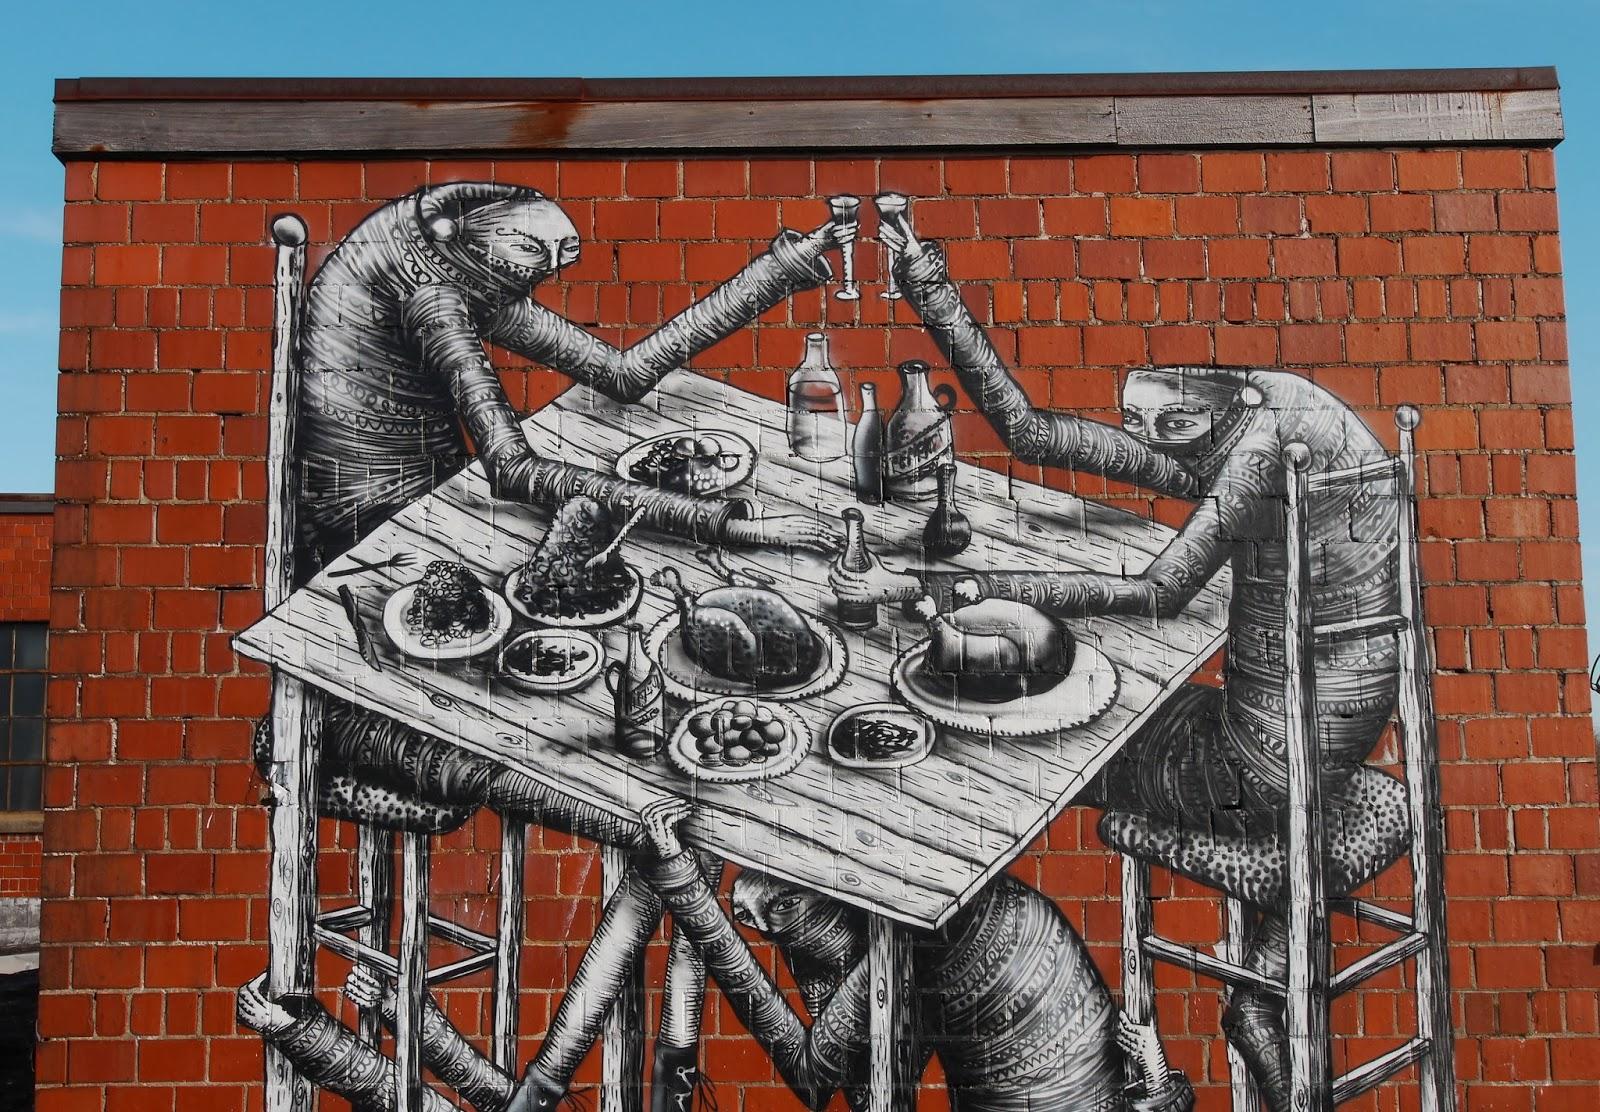 phlegm-new-mural-prhbtn-festival-05